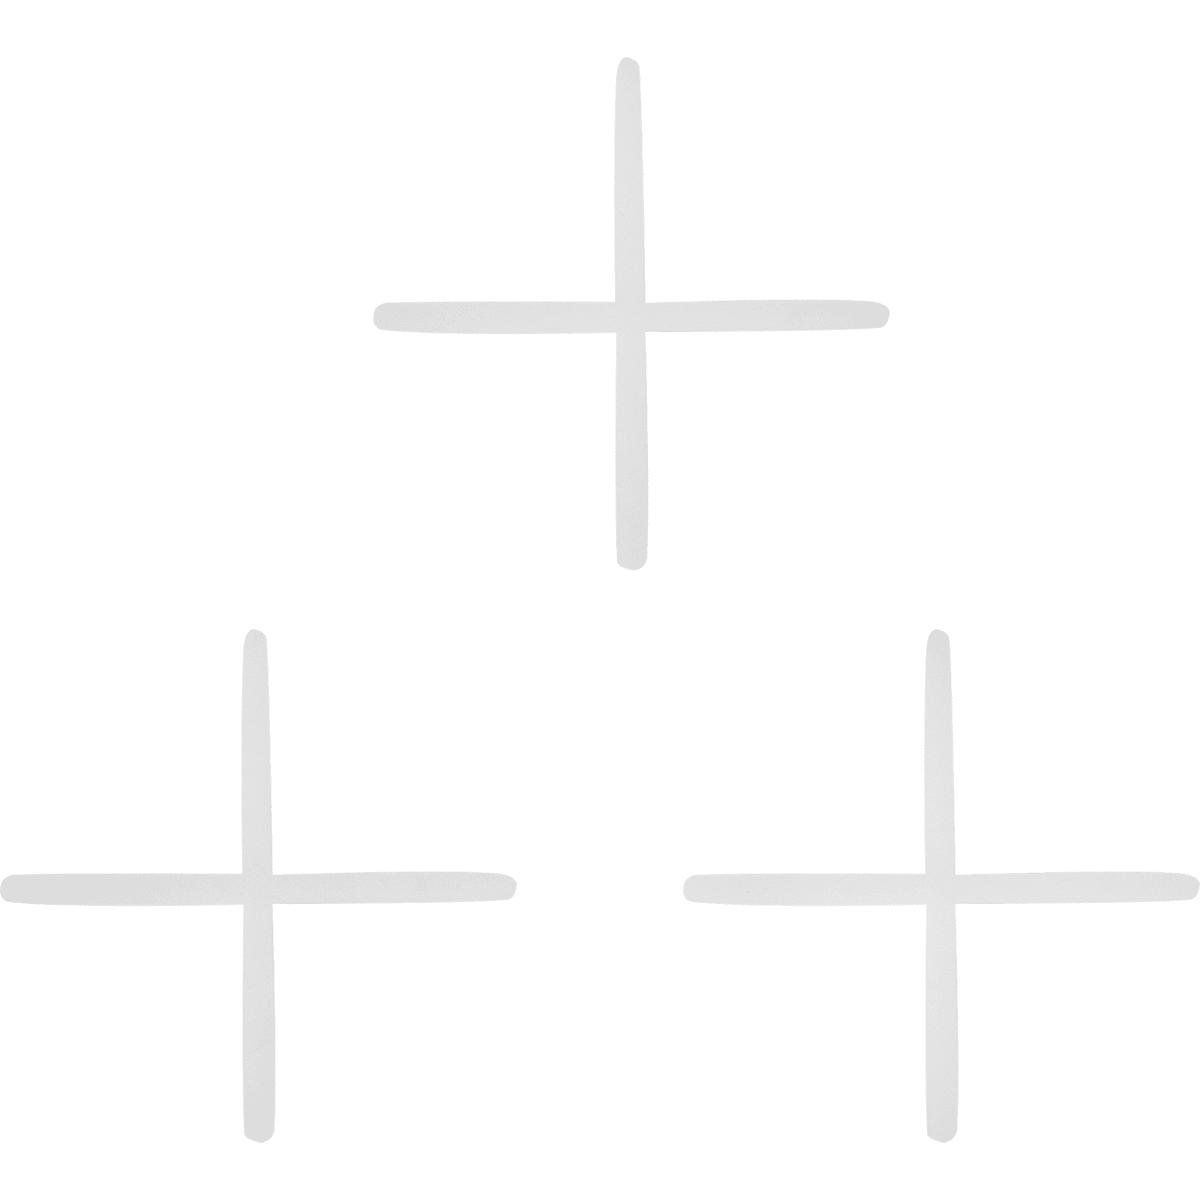 Крестики для кафельной плитки, 1 мм, 100 шт.